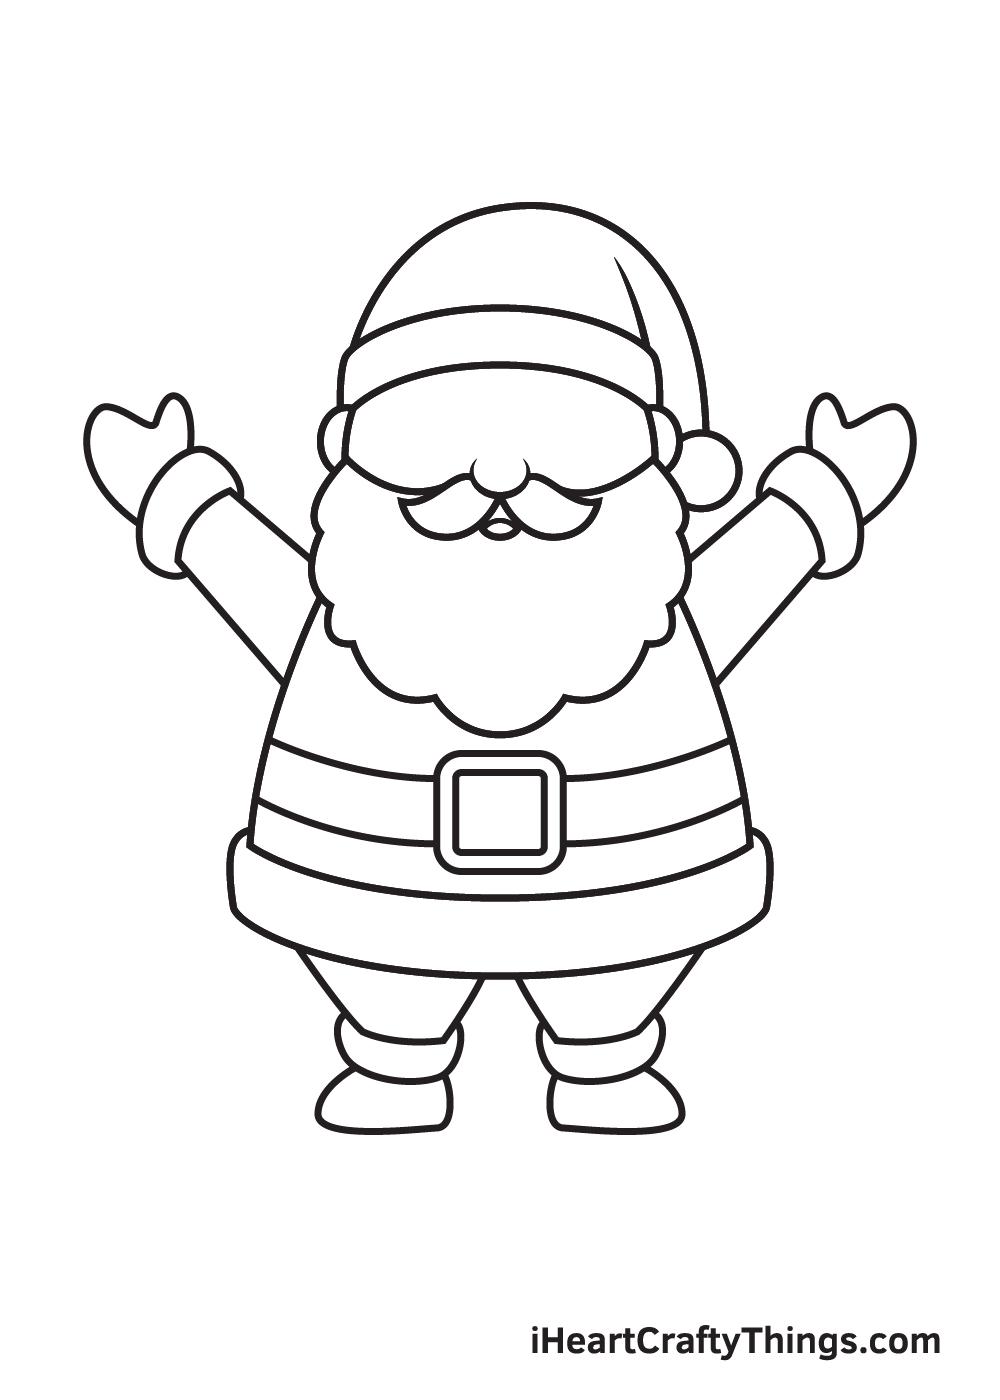 Santa Claus Drawing – Step 8